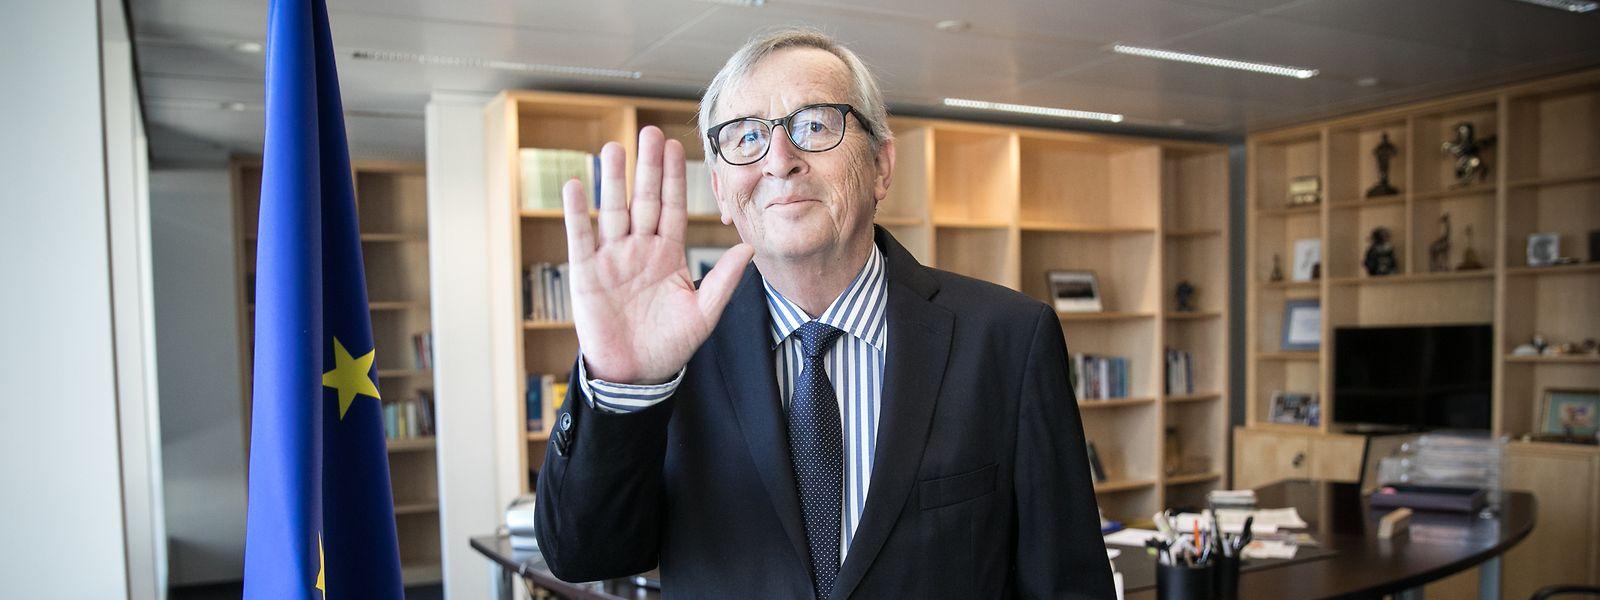 Jean-Claude Junckers letzte Stunden als Präsident der Europäischen Kommission in Brüssel.